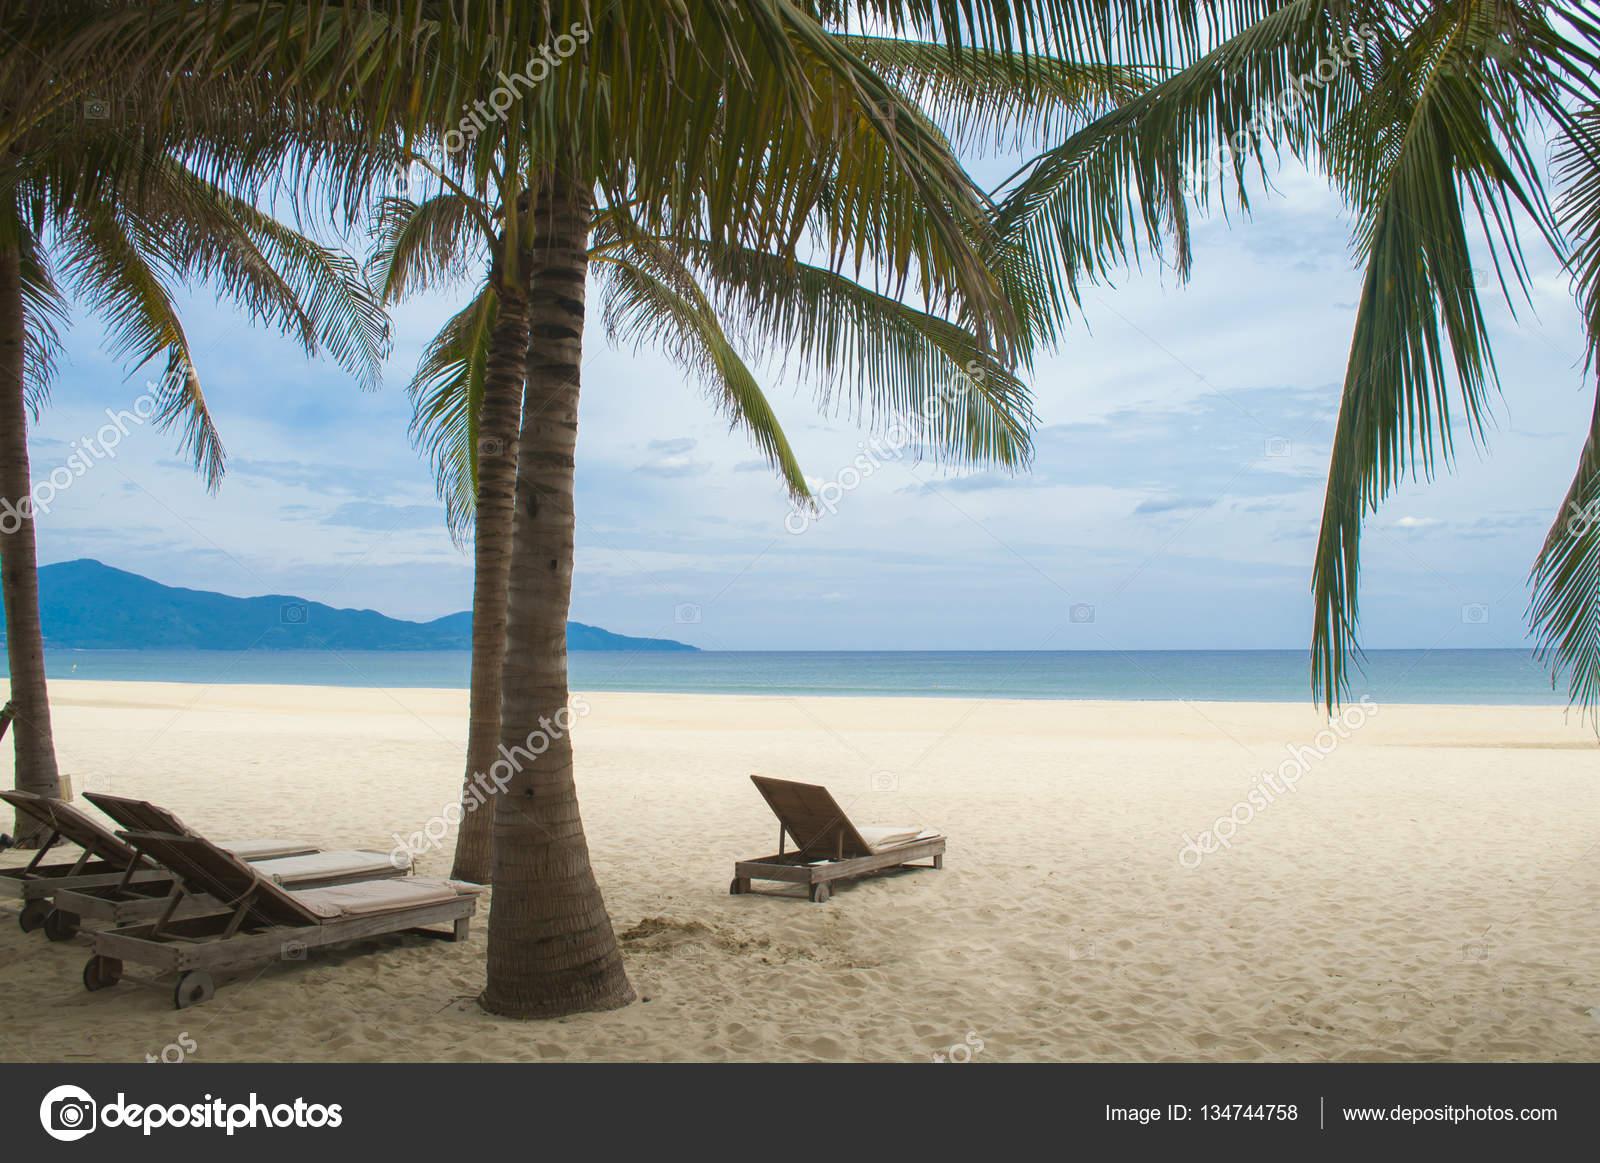 Hamacas y palmeras en la playa de my khe da nang vietnam - Hamacas de playa ...